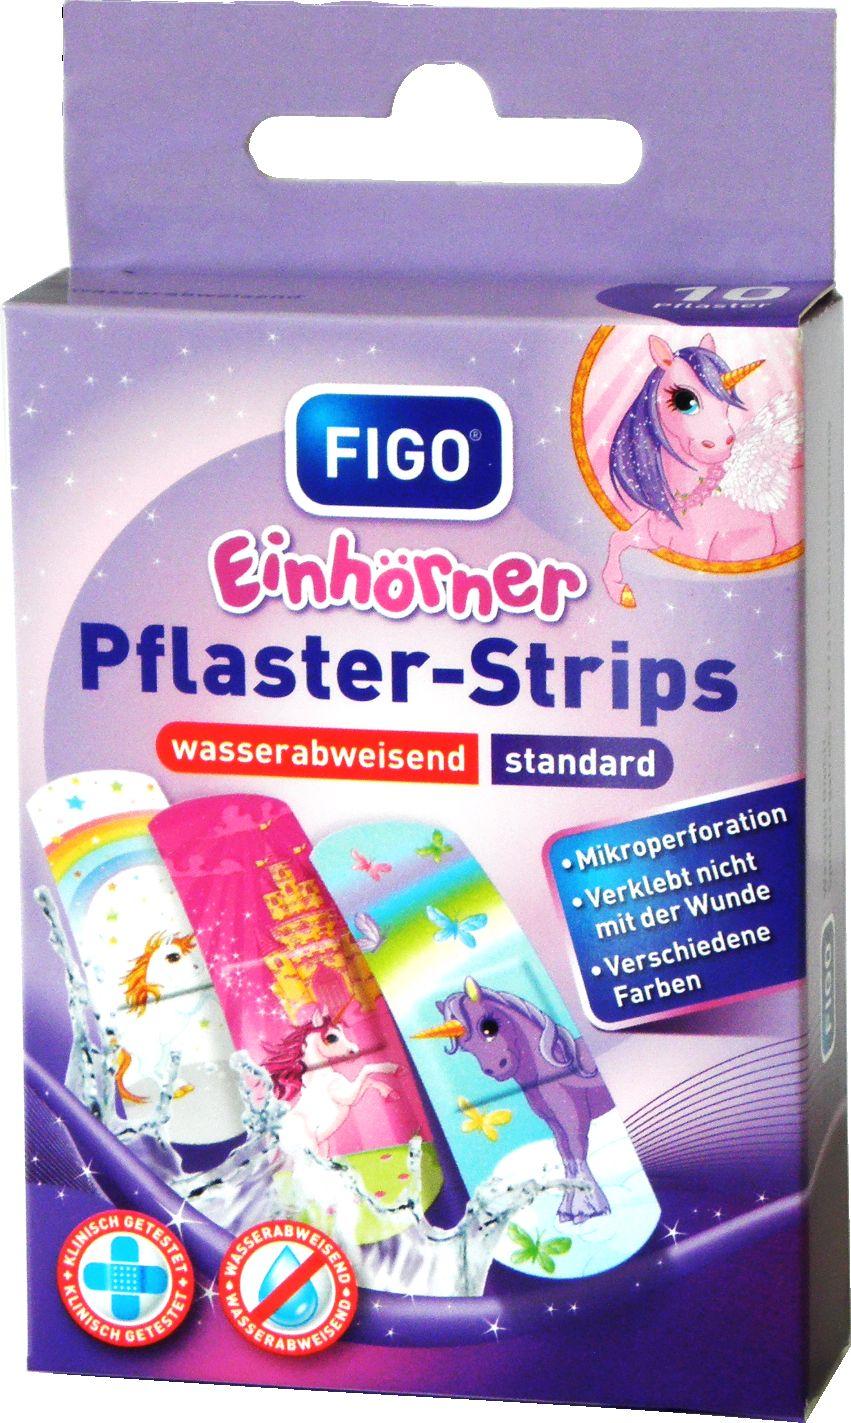 FIGO Pflaster-Strips - Kinderpflaster mit Einhorn Motiven